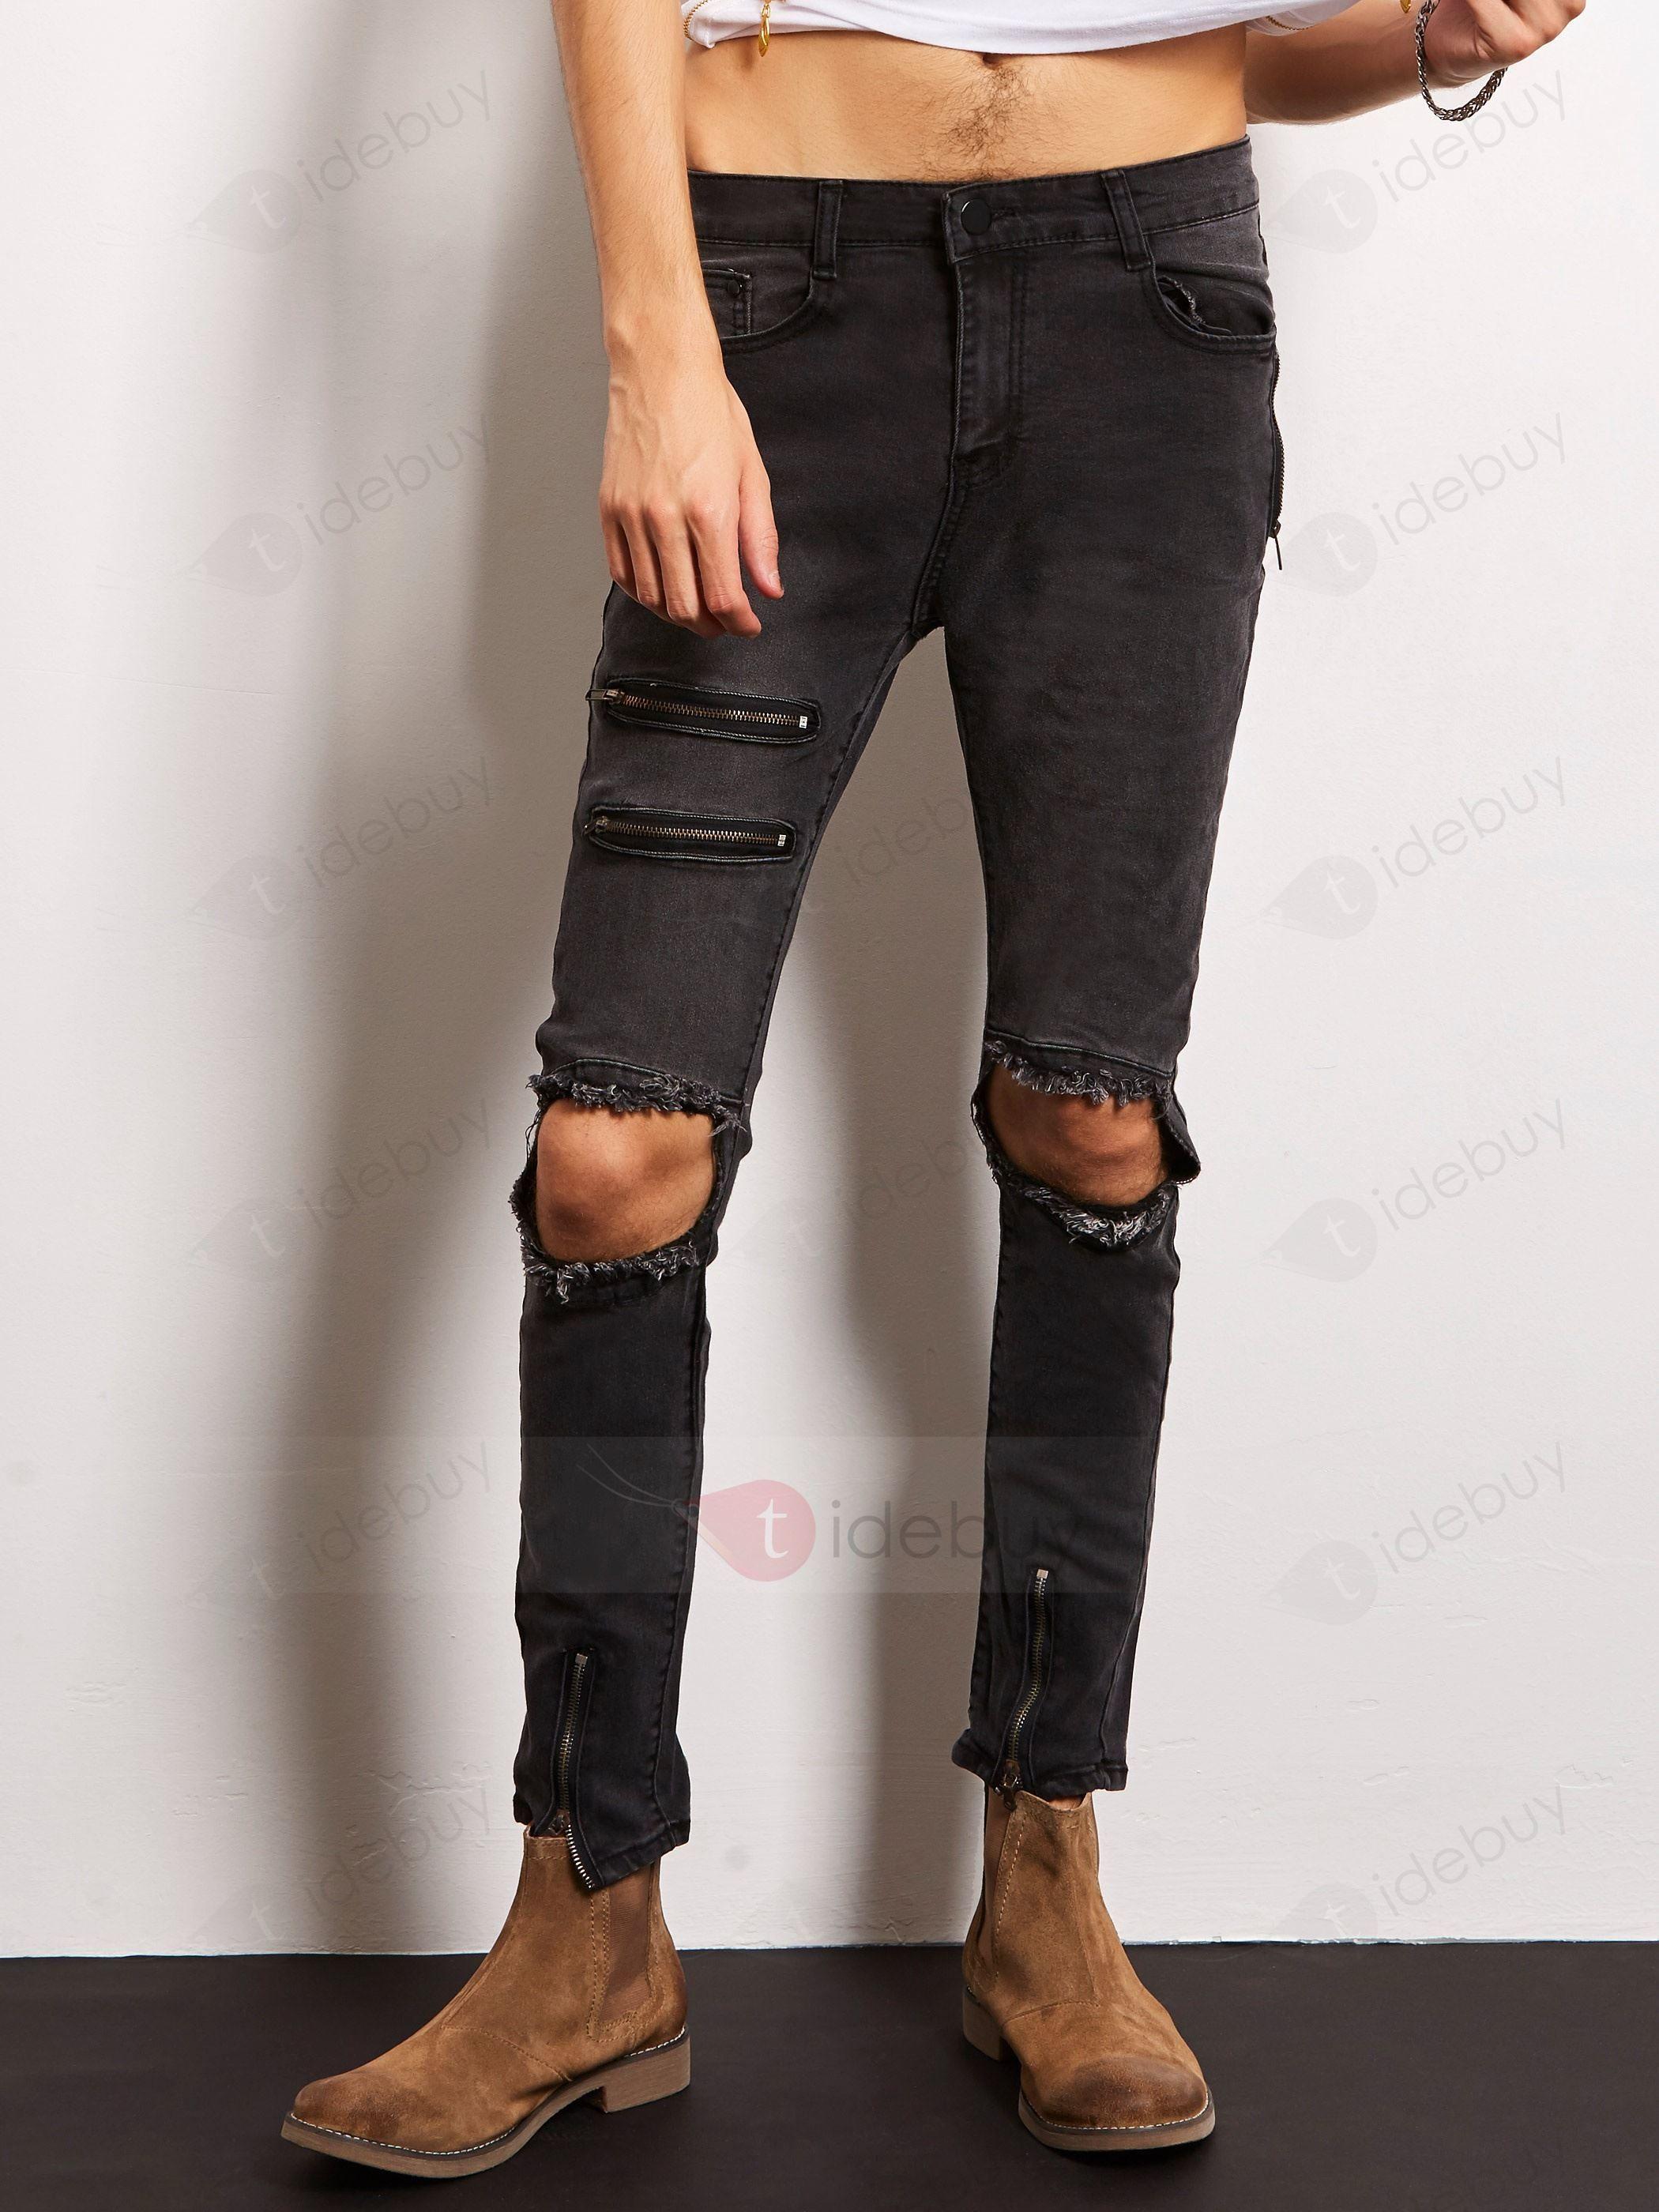 Lang Jeans Knie Flicken Herren 20 € OFF für Kleider & Herren Mode